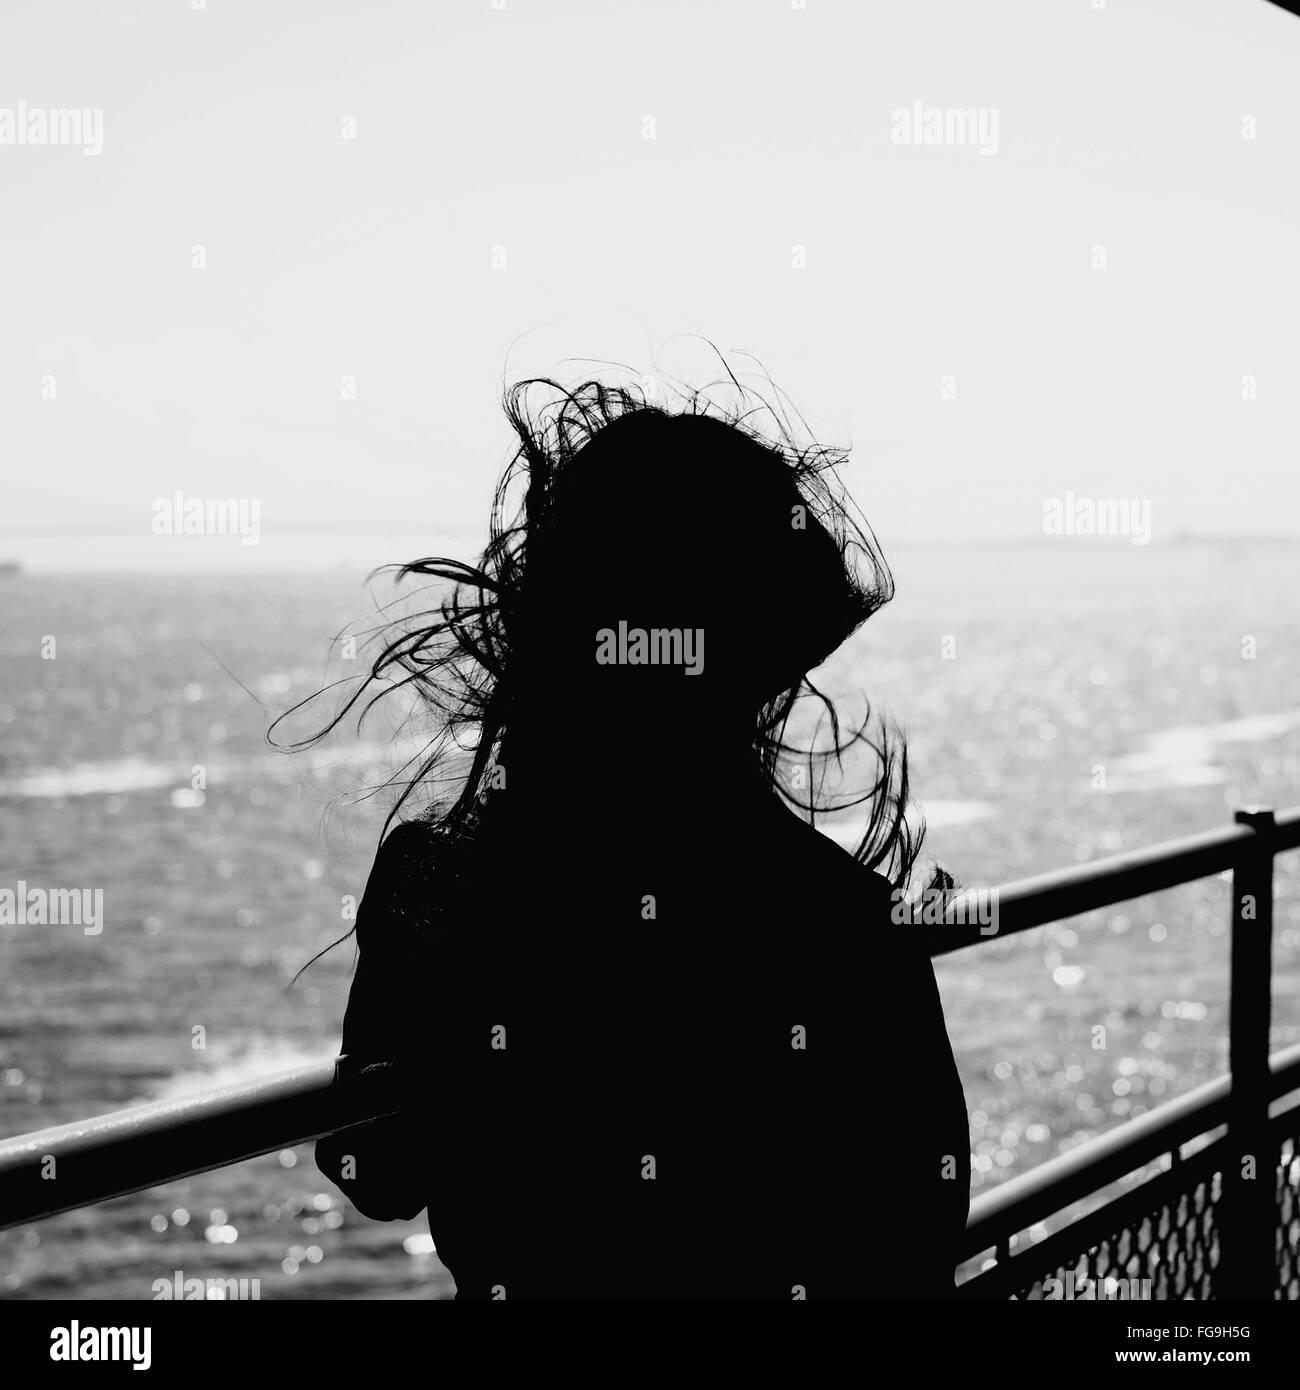 Vista posteriore di Silhouette donna in piedi alla ringhiera di protezione contro il mare Immagini Stock